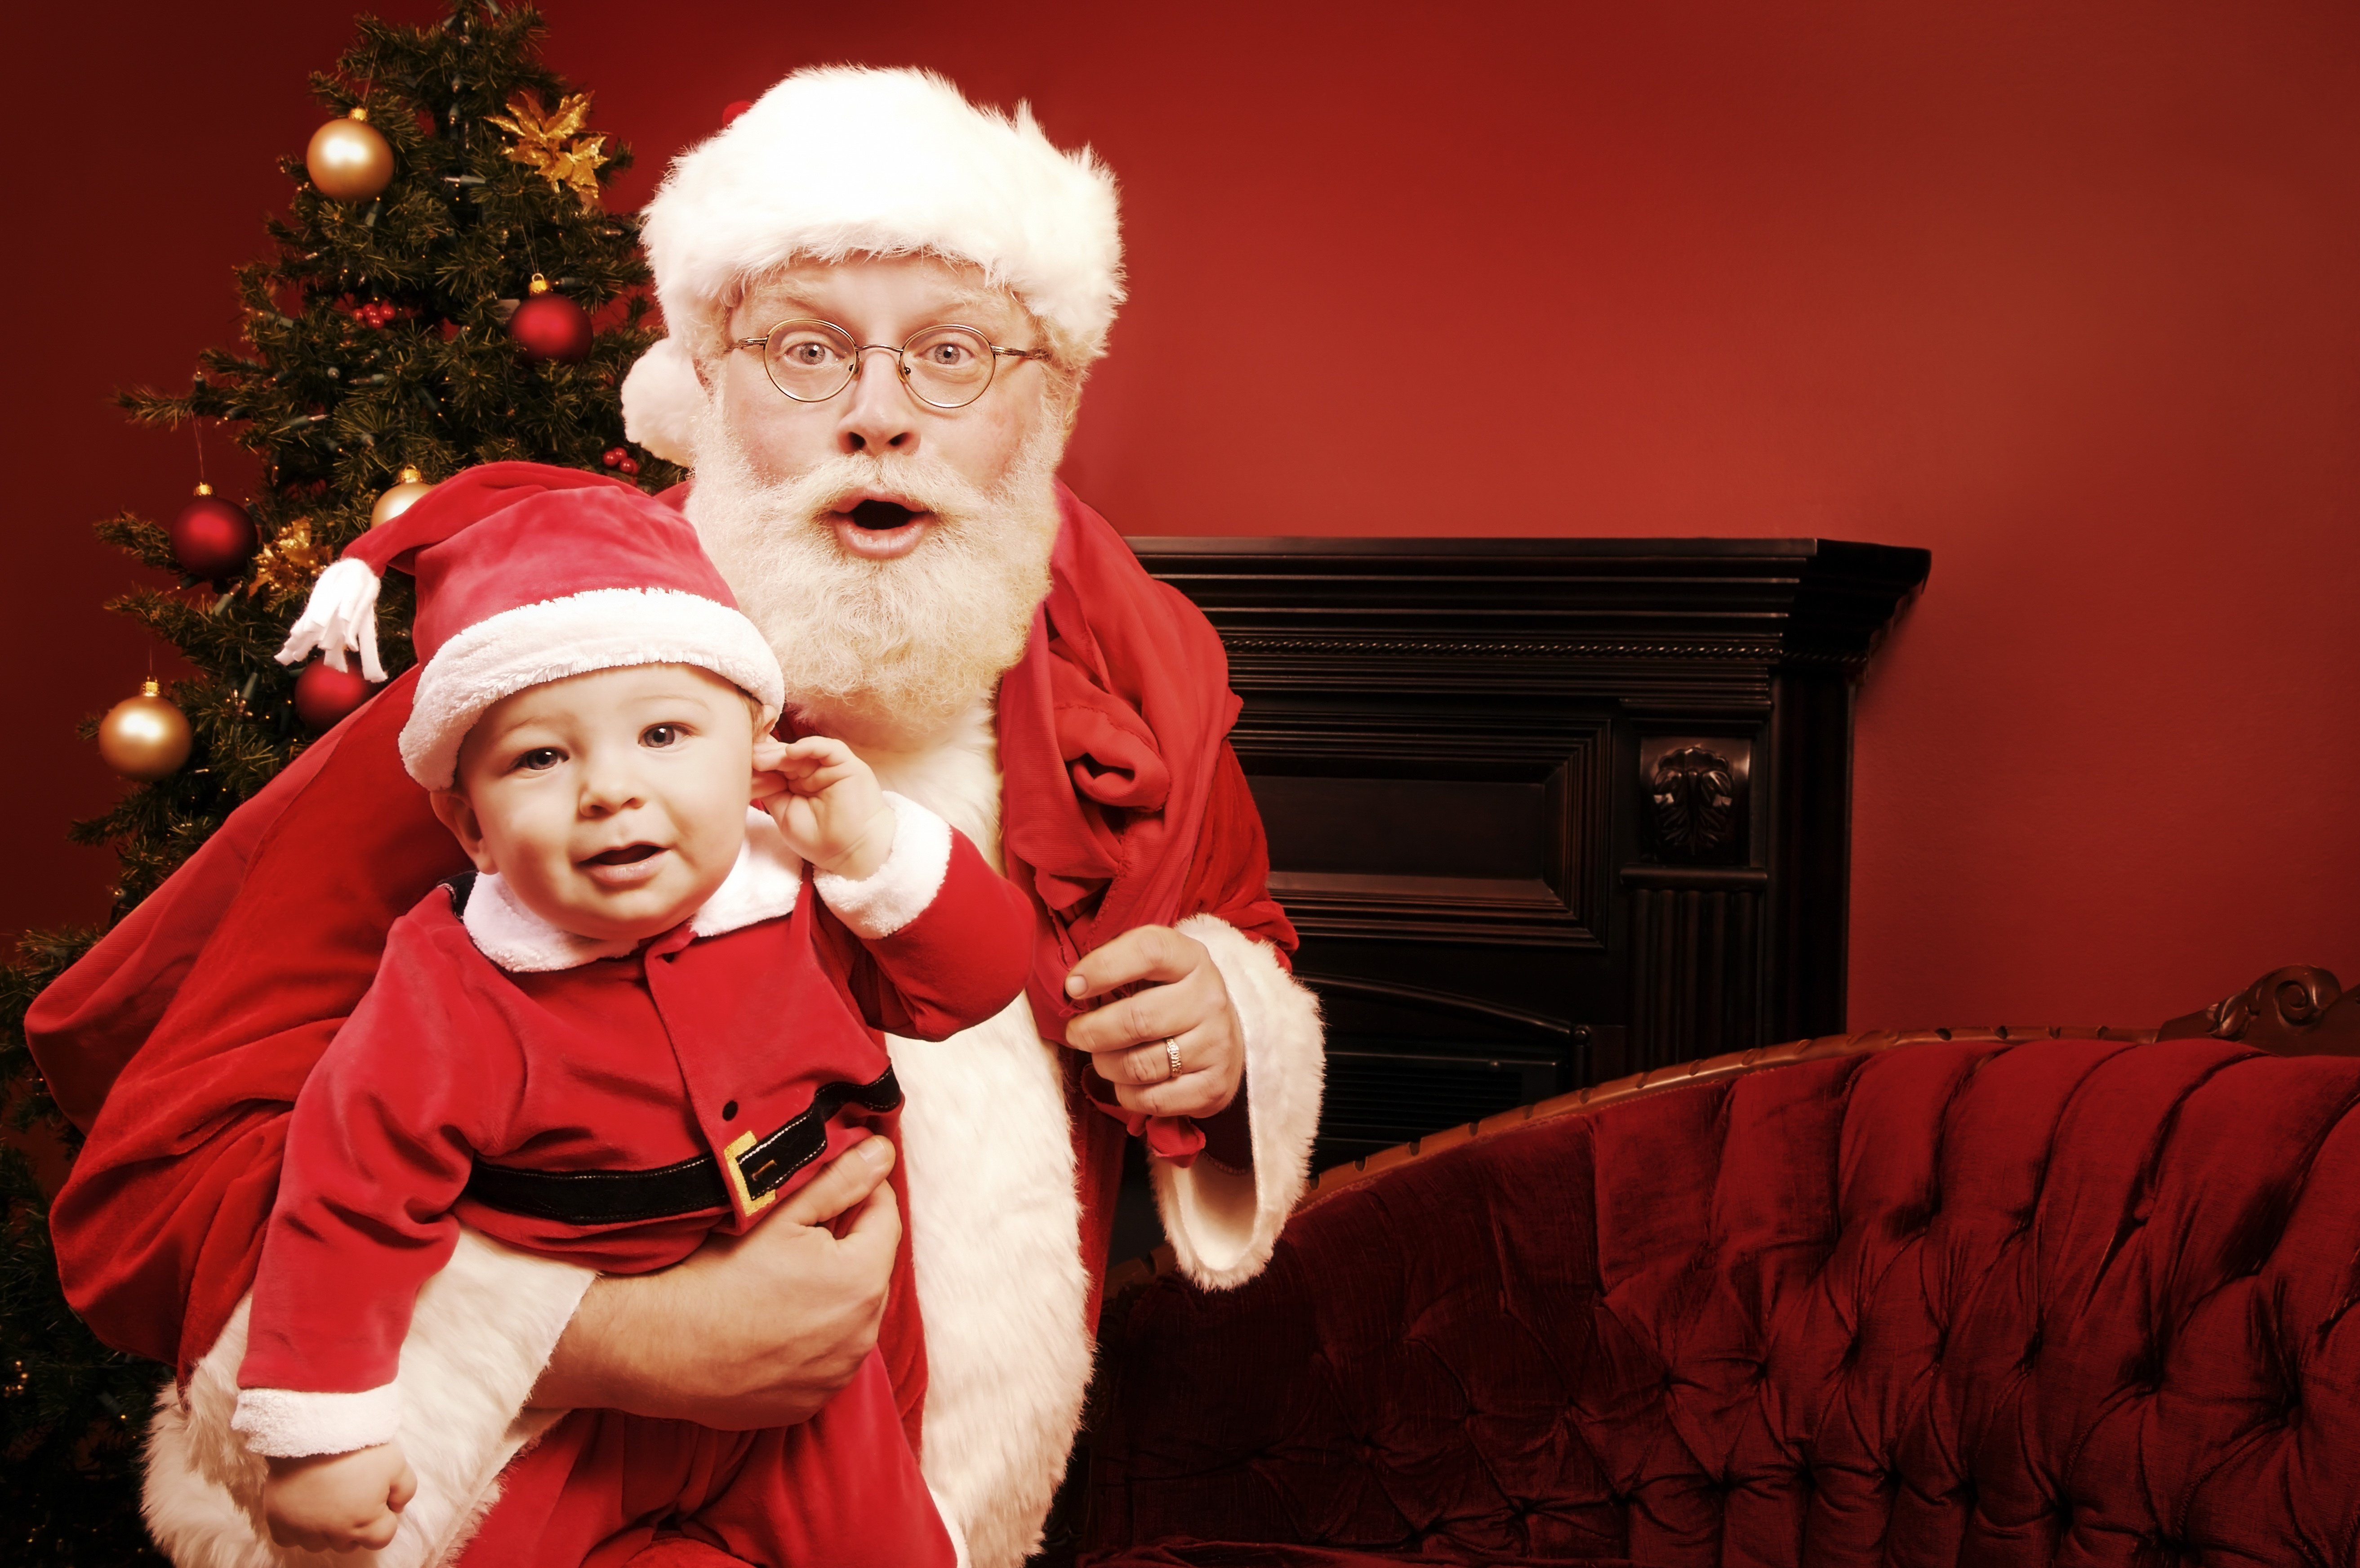 Santa should be a just little mischievous.